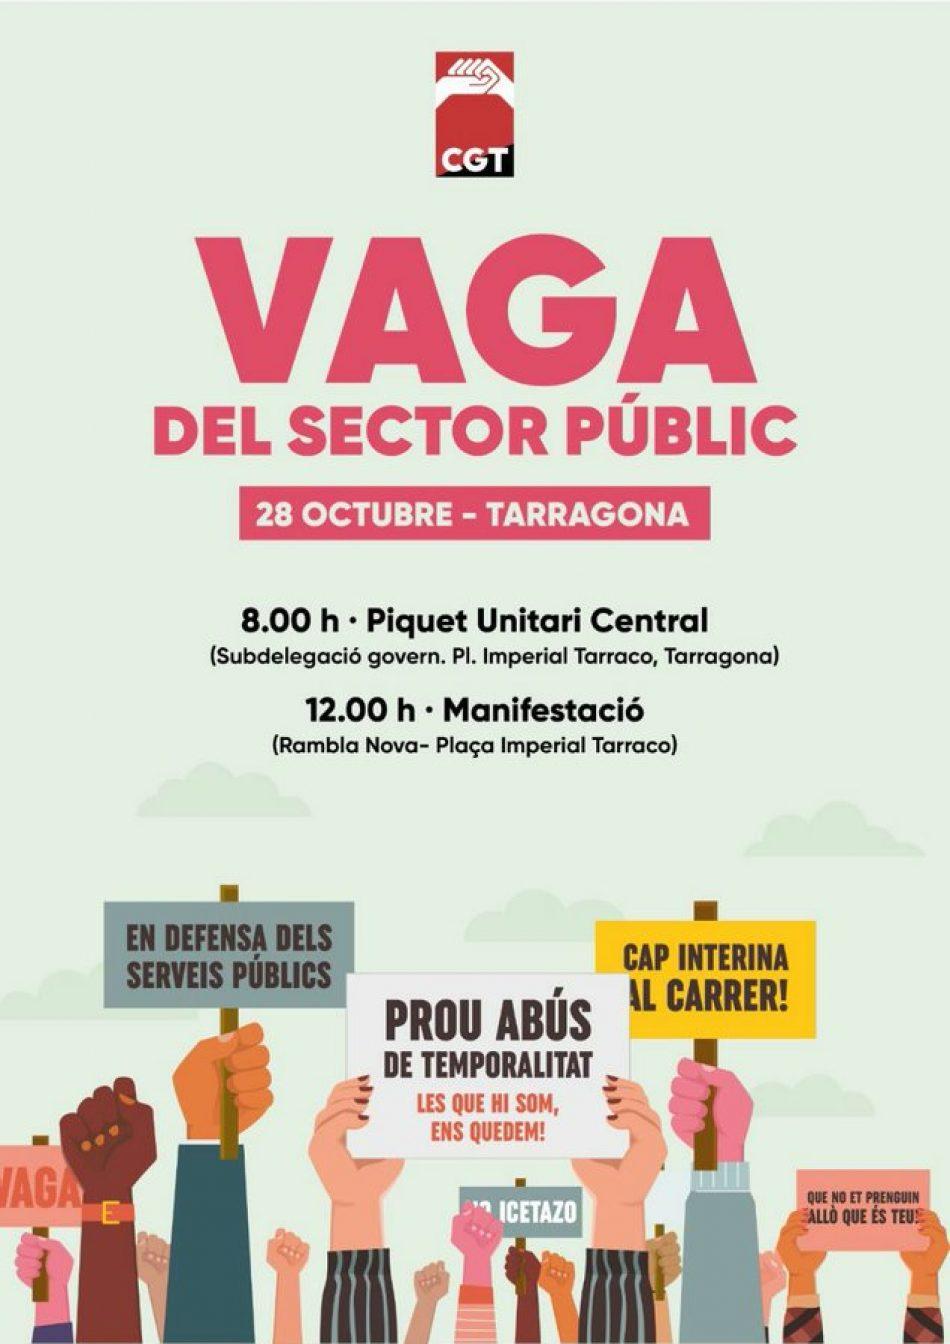 Vaga del Sector Públic a Catalunya i Mobilitzacions del Dijous 28 octubre